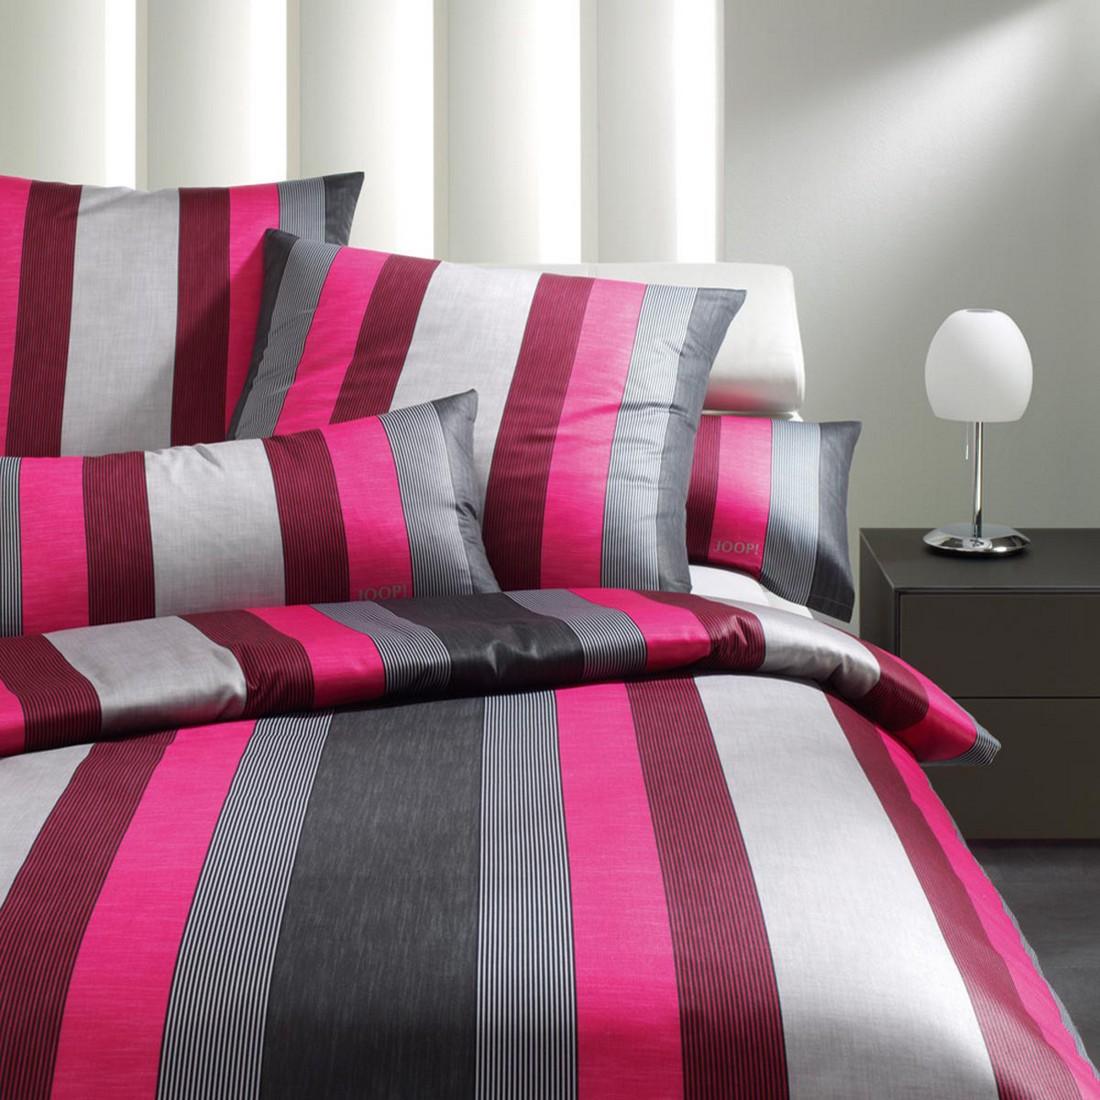 Bettwäsche Rapid Stripes cassis 4043-1 – 100% Baumwolle – Mehrfarbig – 135 x 200 cm, Joop jetzt bestellen